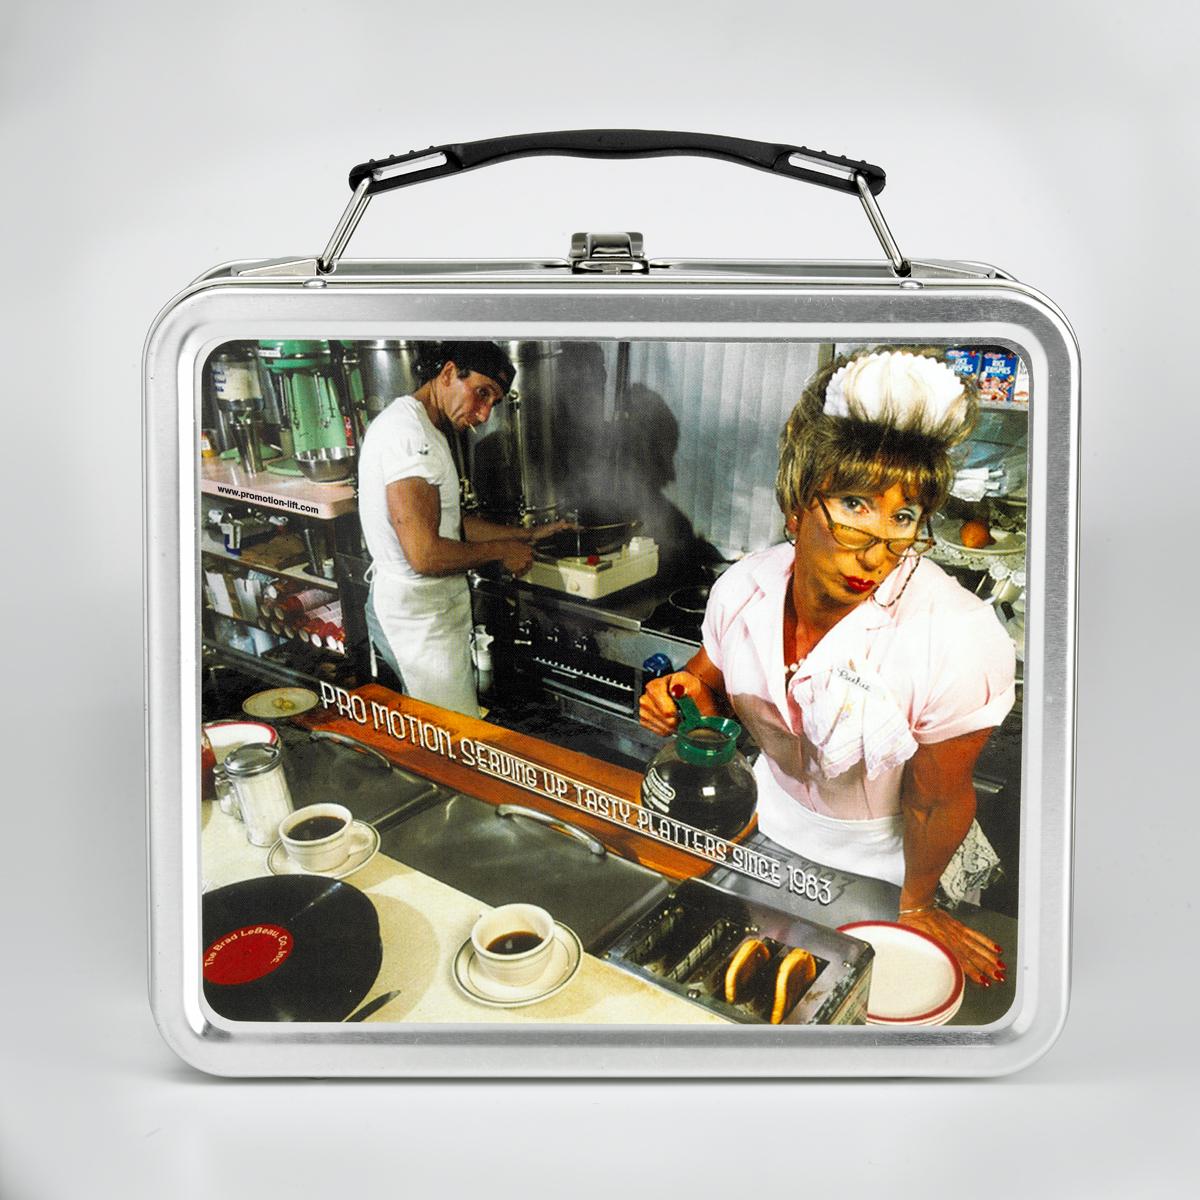 'Serving Up Tasty Platters' (2003)